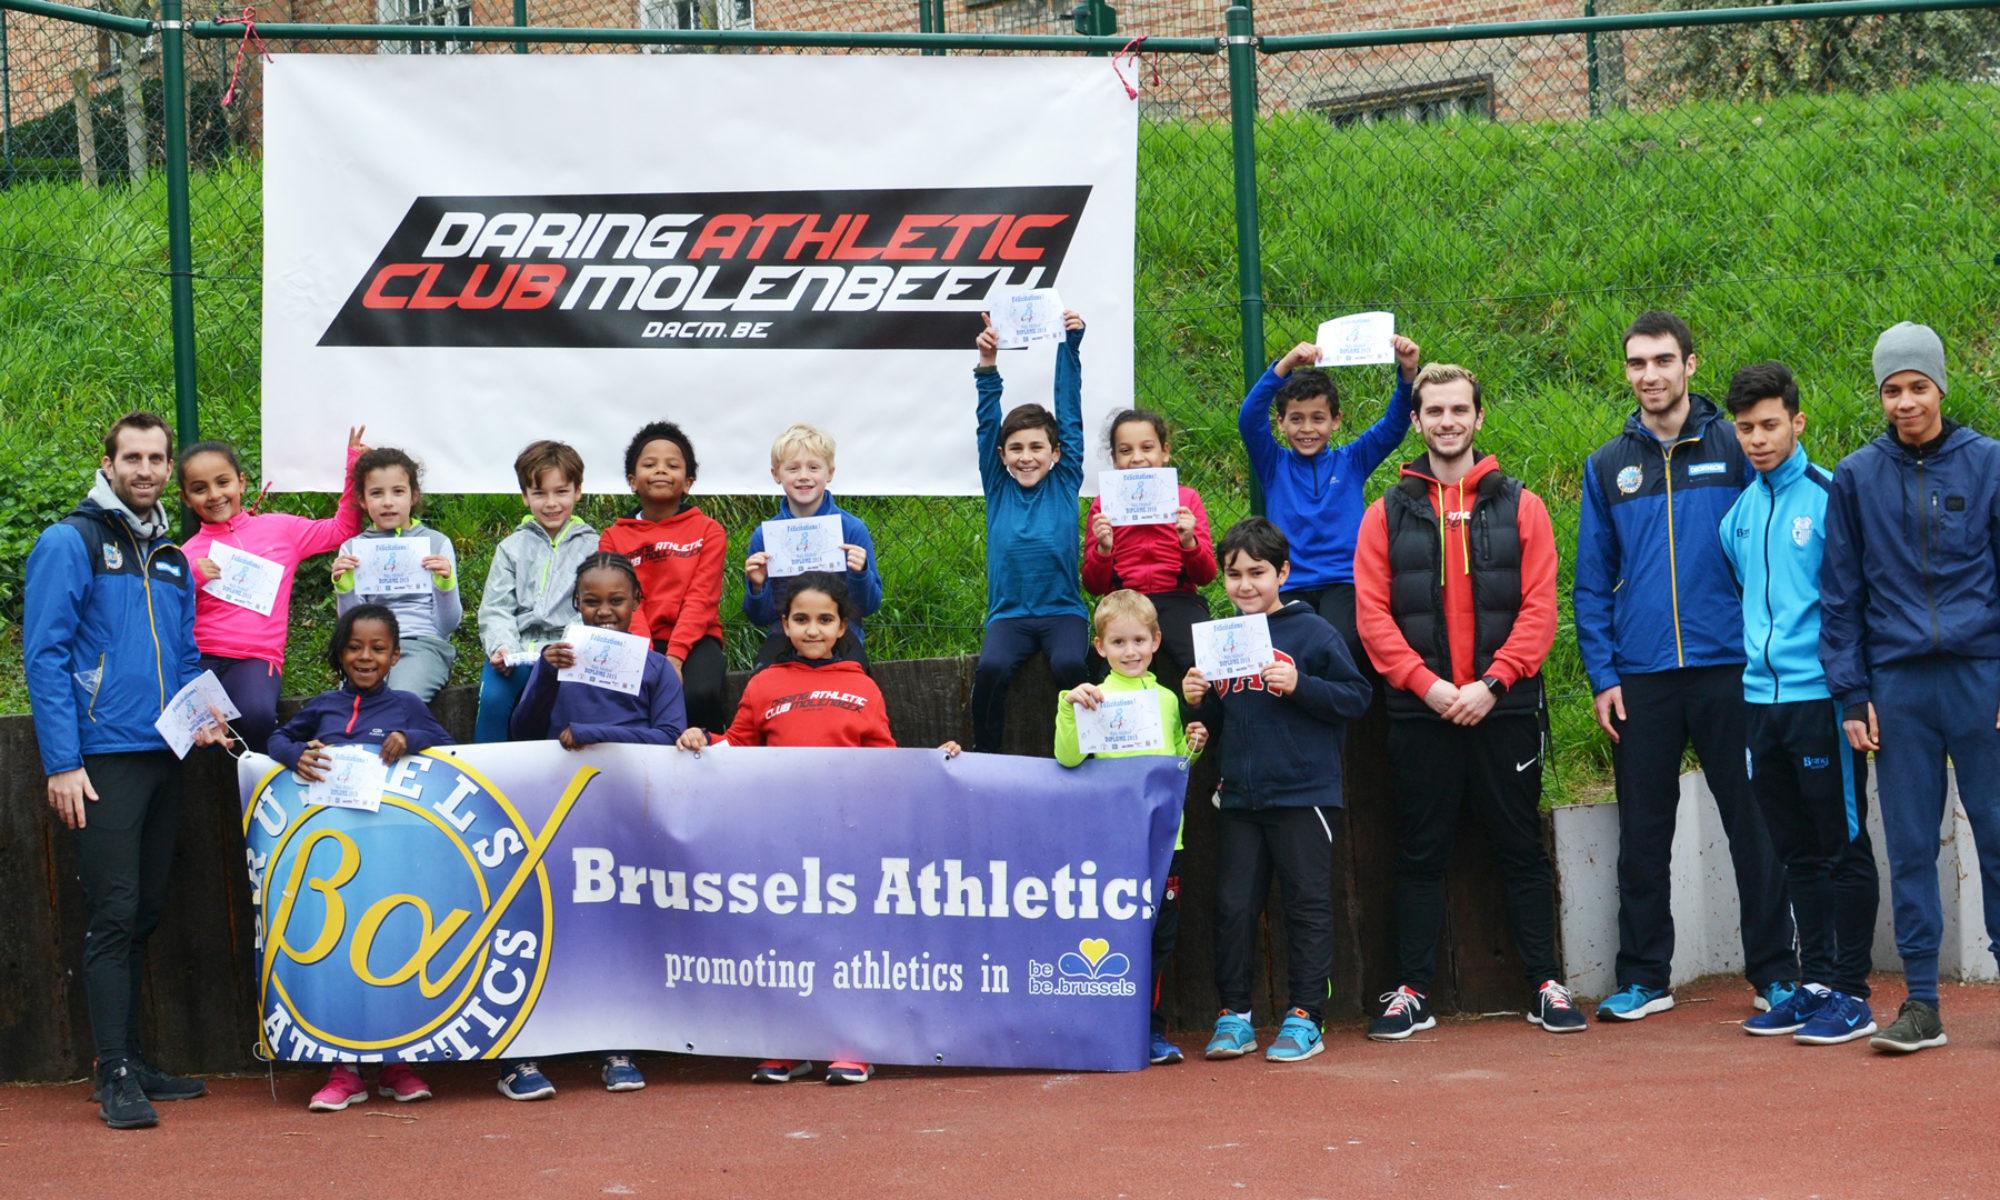 Daring Athletic Club Molenbeek